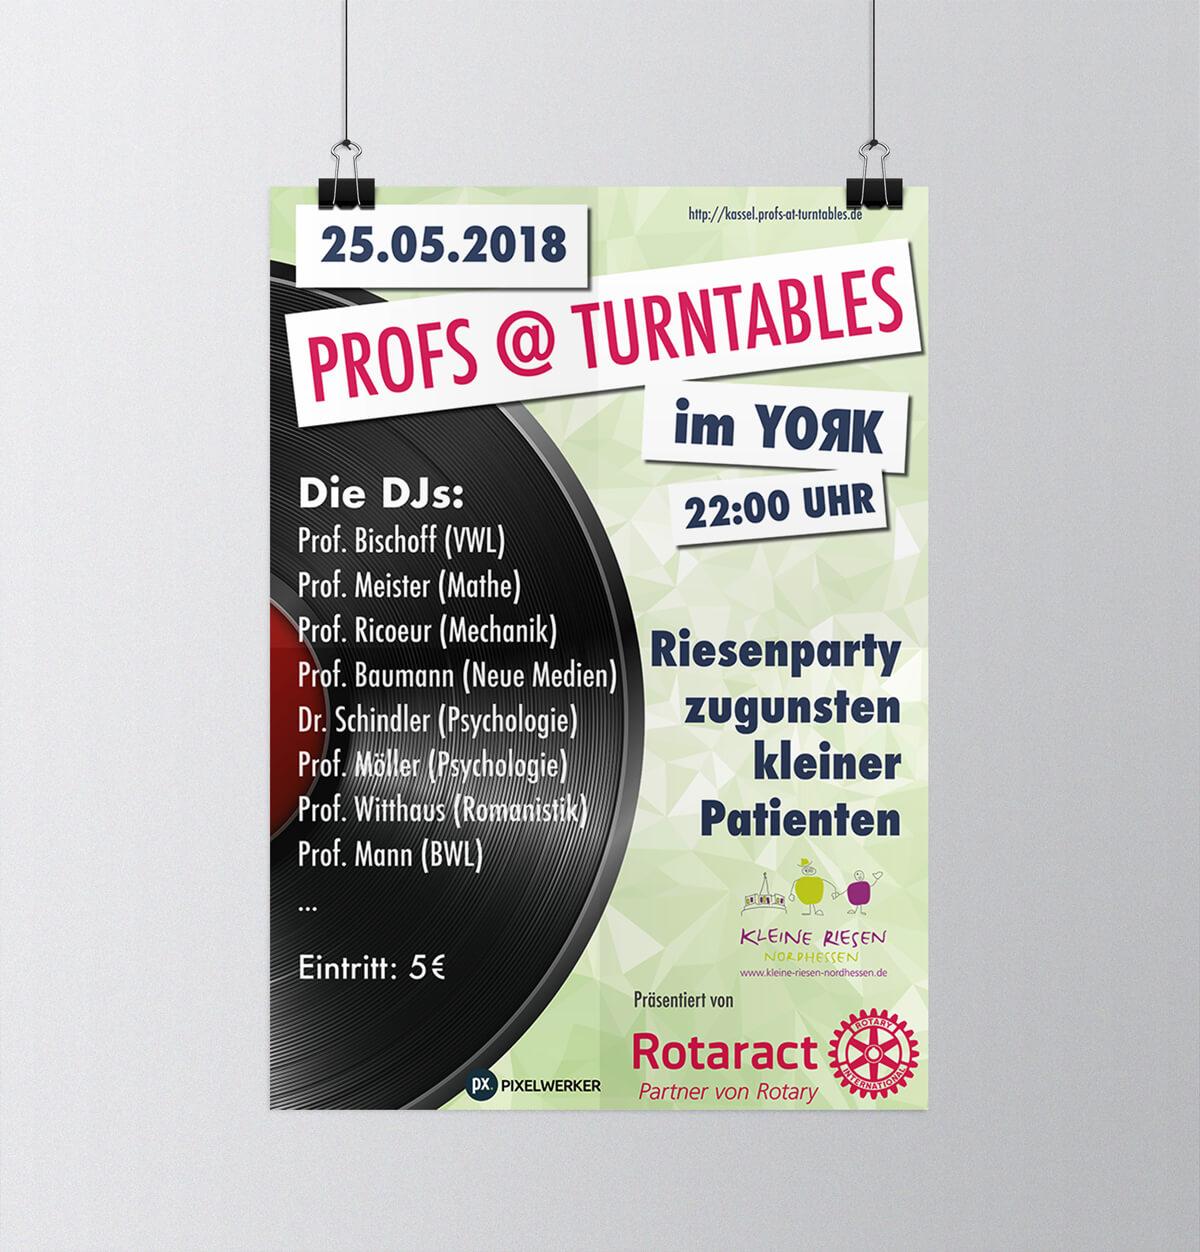 Für die PROFS@TURNTABLES Party wählten wir ein Design, das auf den ersten Blick zeigt, worum es geht: Eine super Party mit wohltätigem Hintergrund.